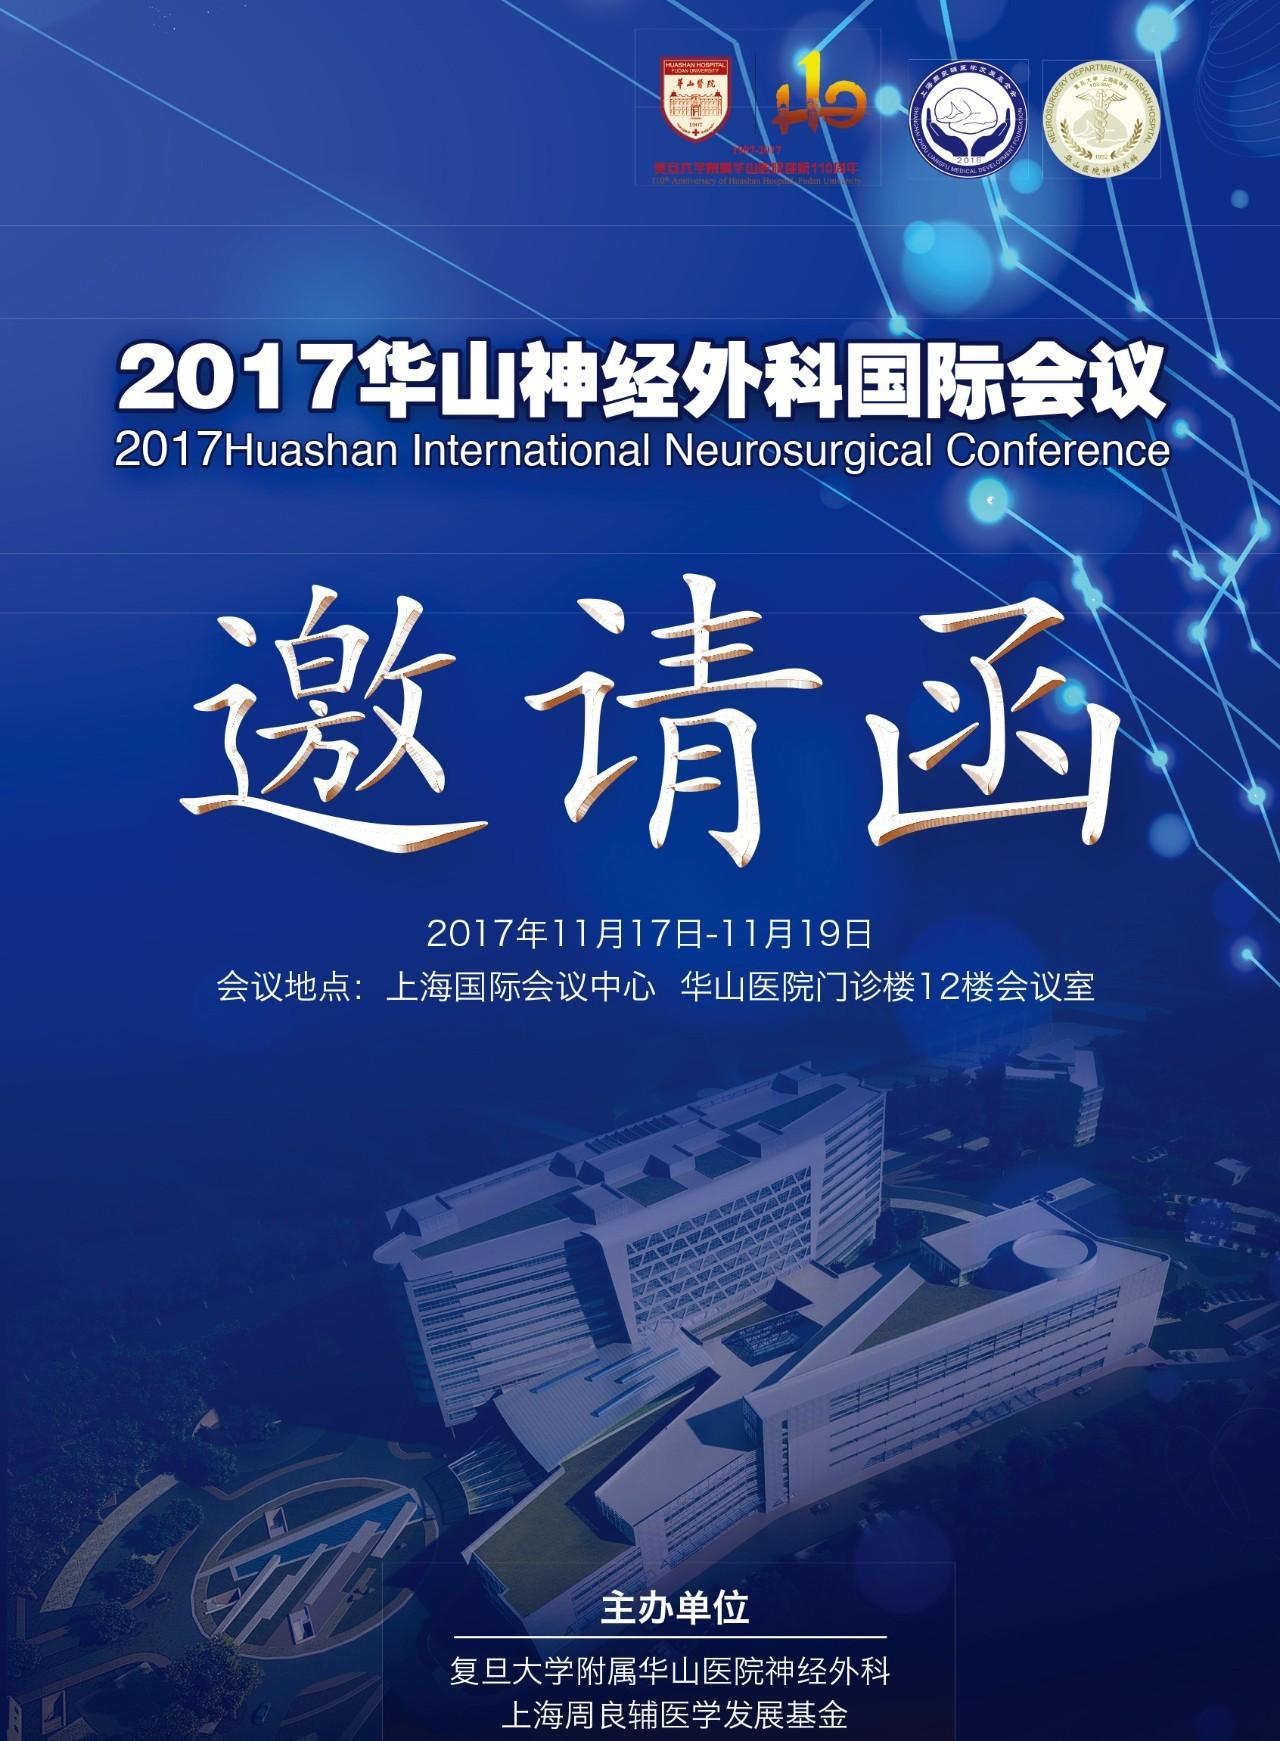 2017华山神经外科国际会议,与您相约11月16-19日!